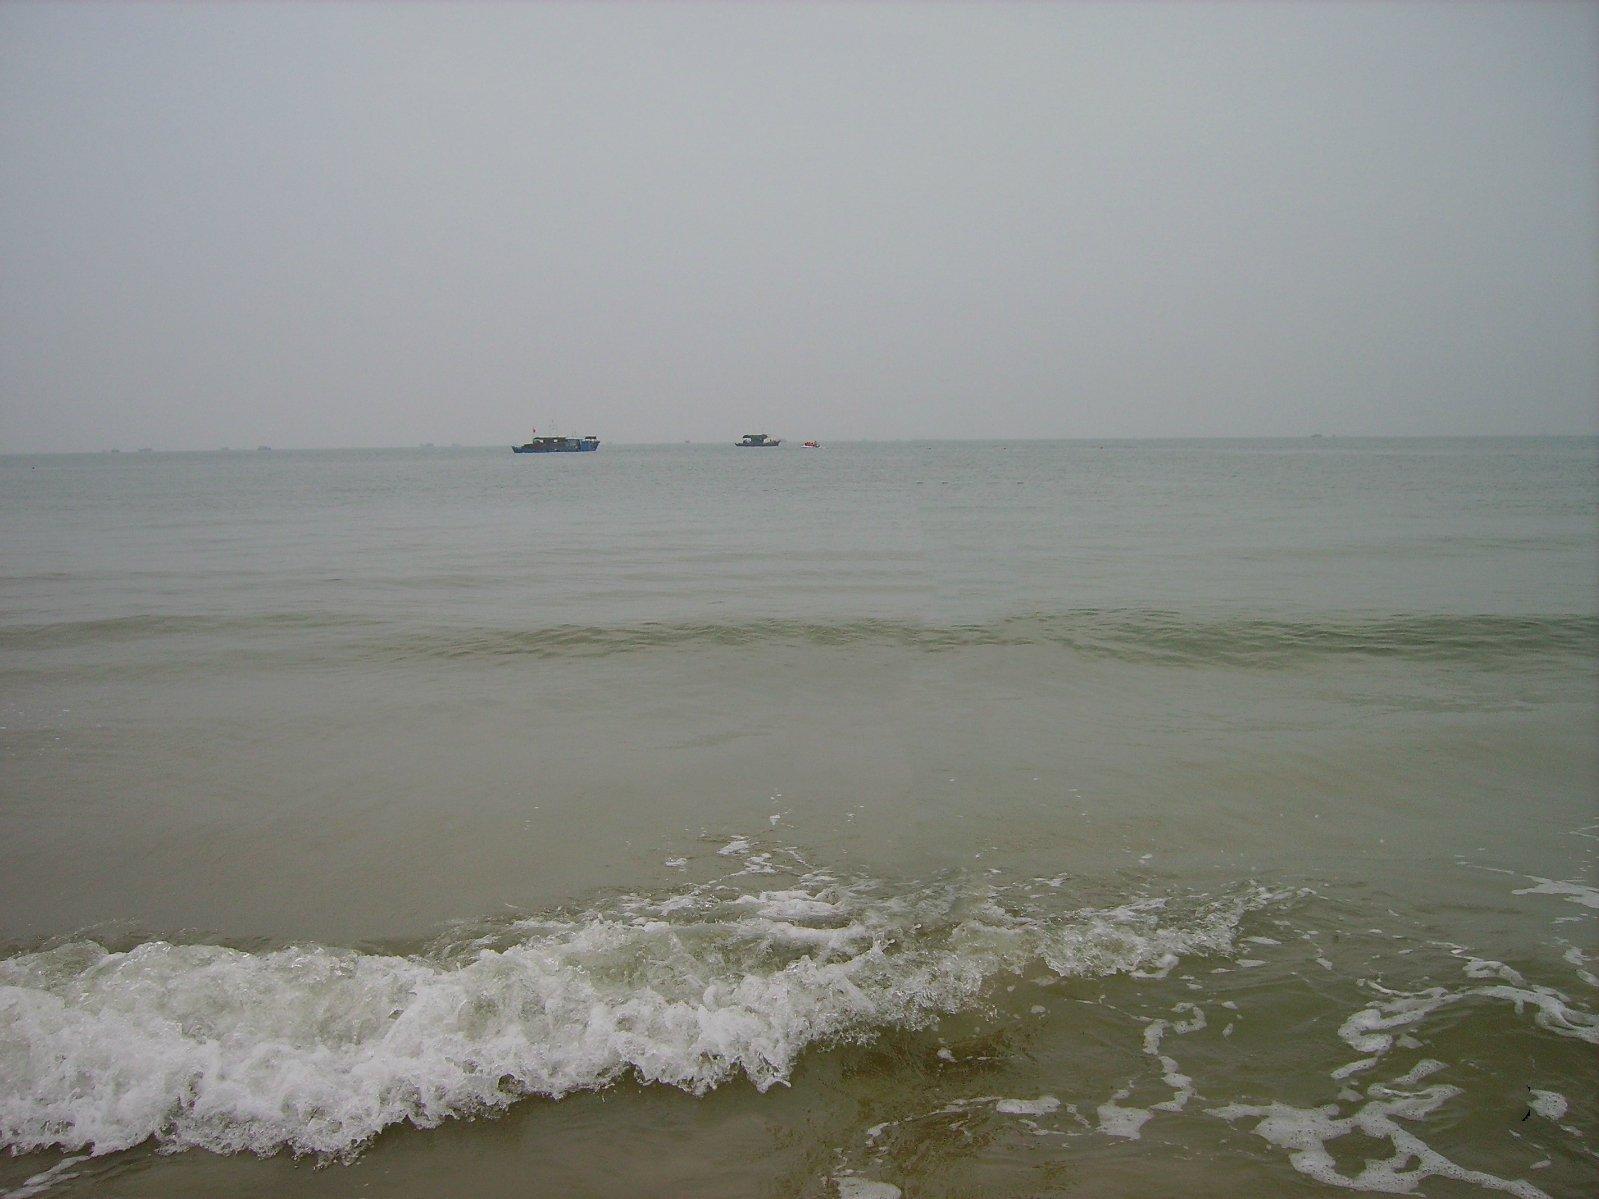 2019银滩郴州v风景度假区游玩风景,攻略优美。北海一日游攻略图片